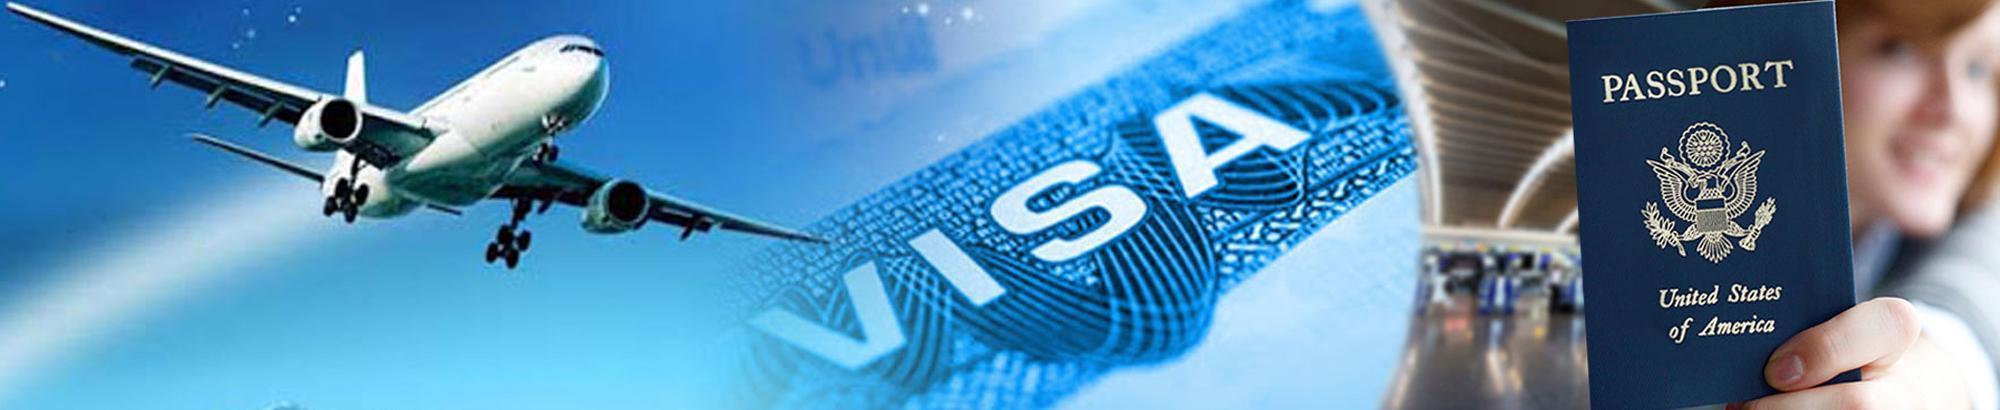 Đi du lịch Thái Lan có cần xin visa không?